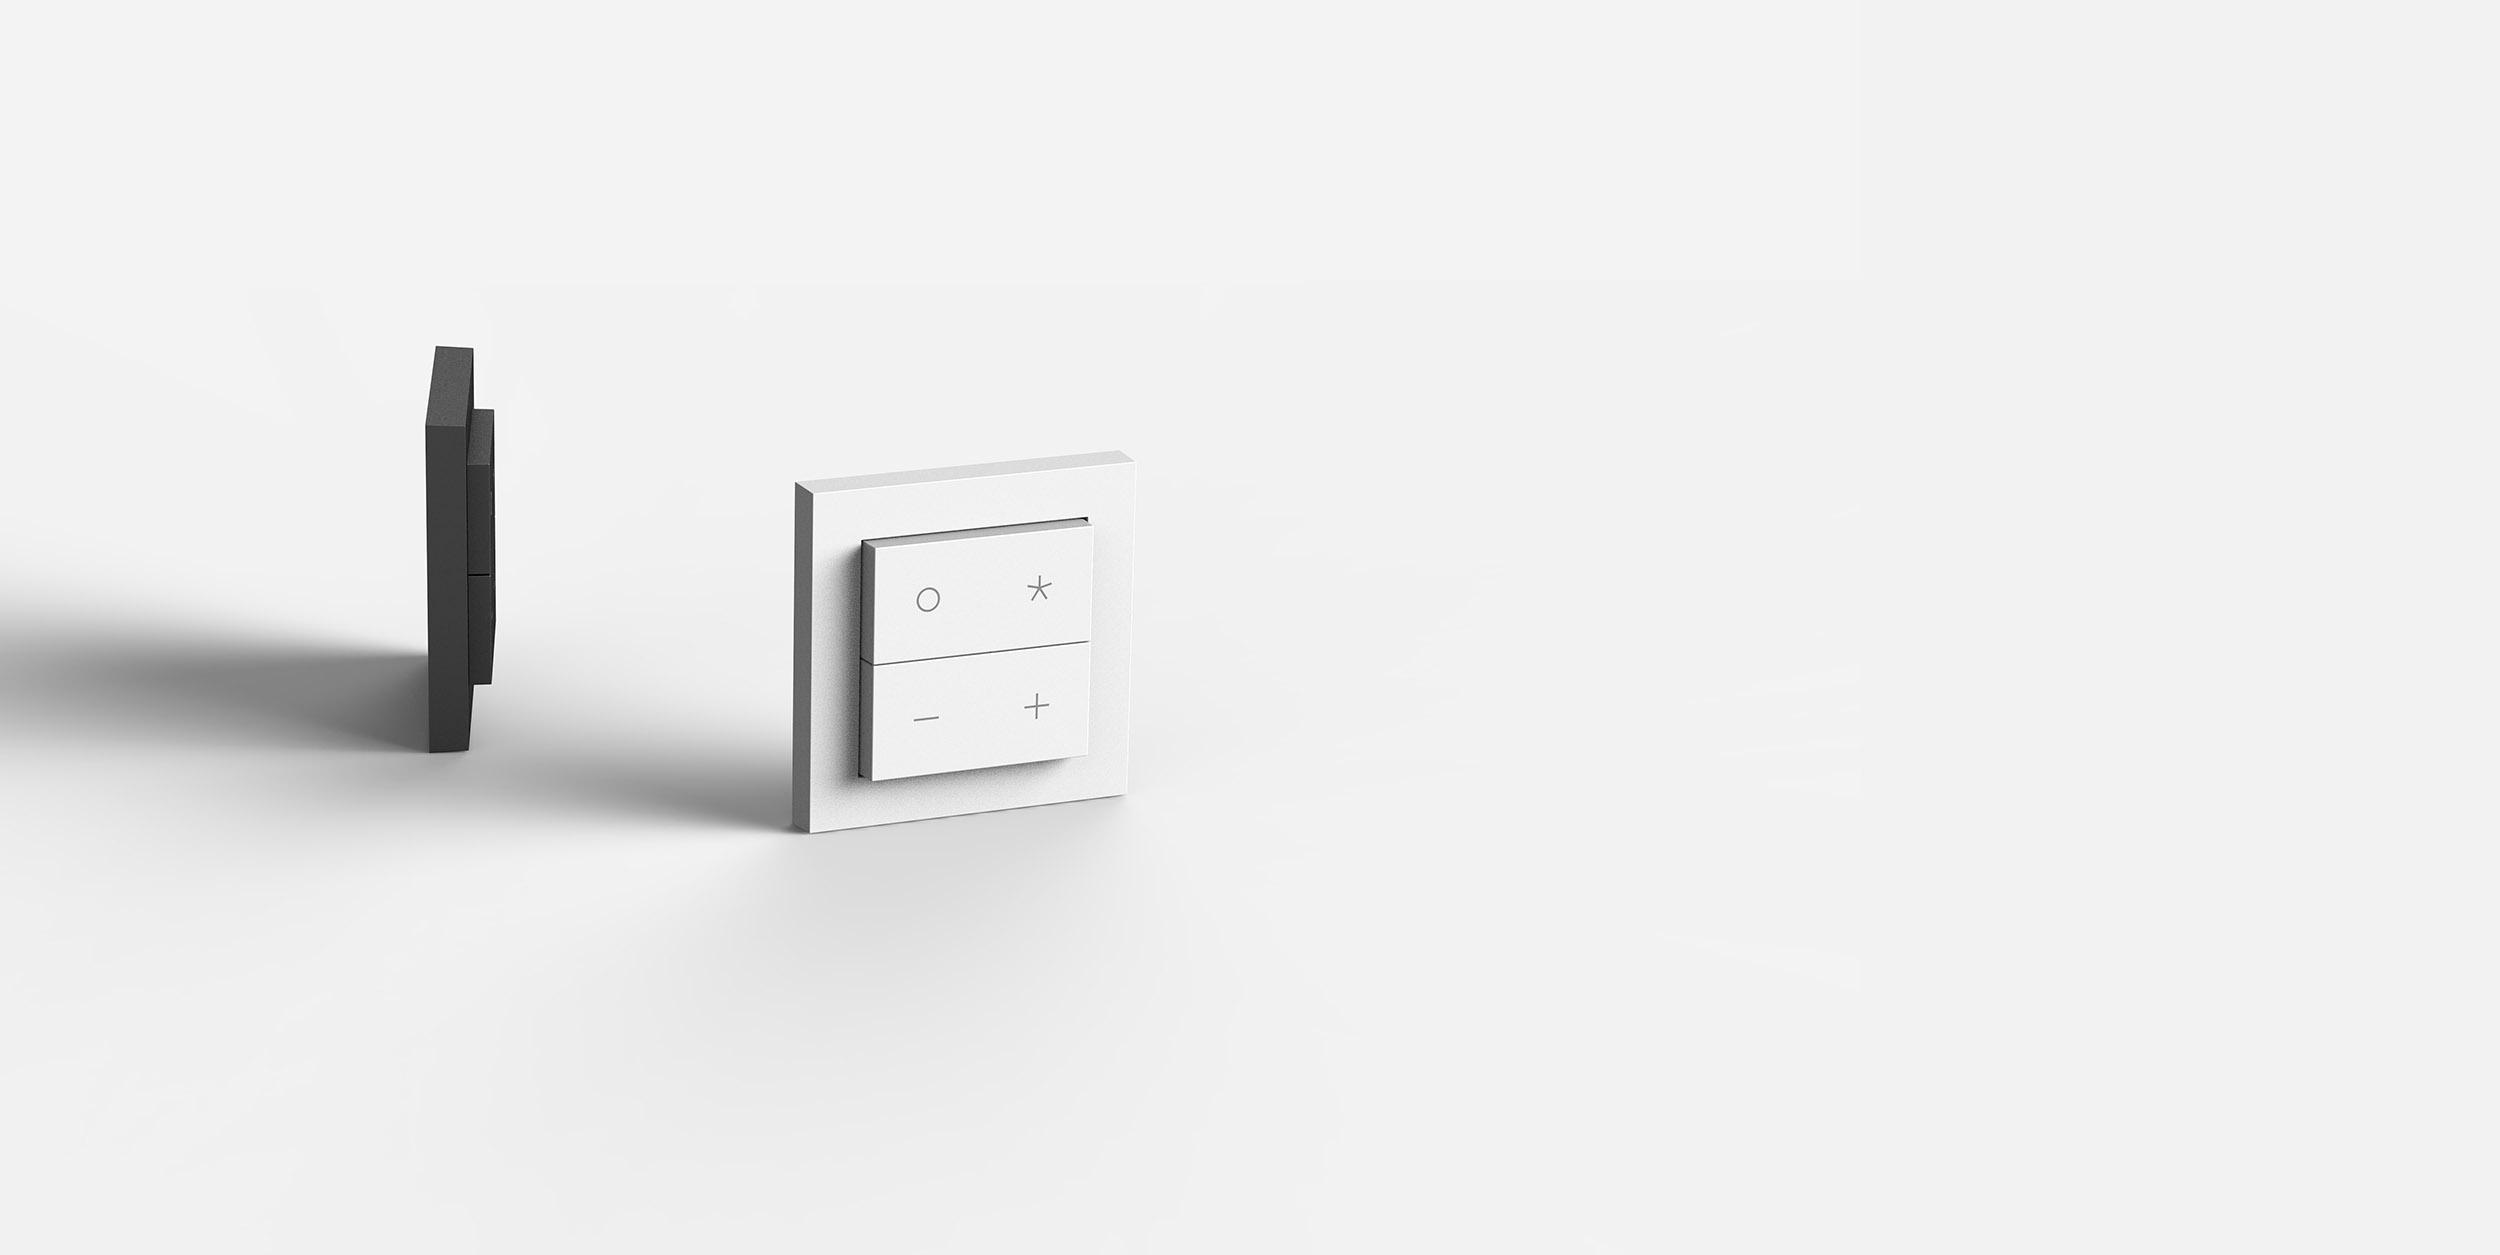 Nuimo Click Schwarz und Weiß auf einem weißen Hintergrund